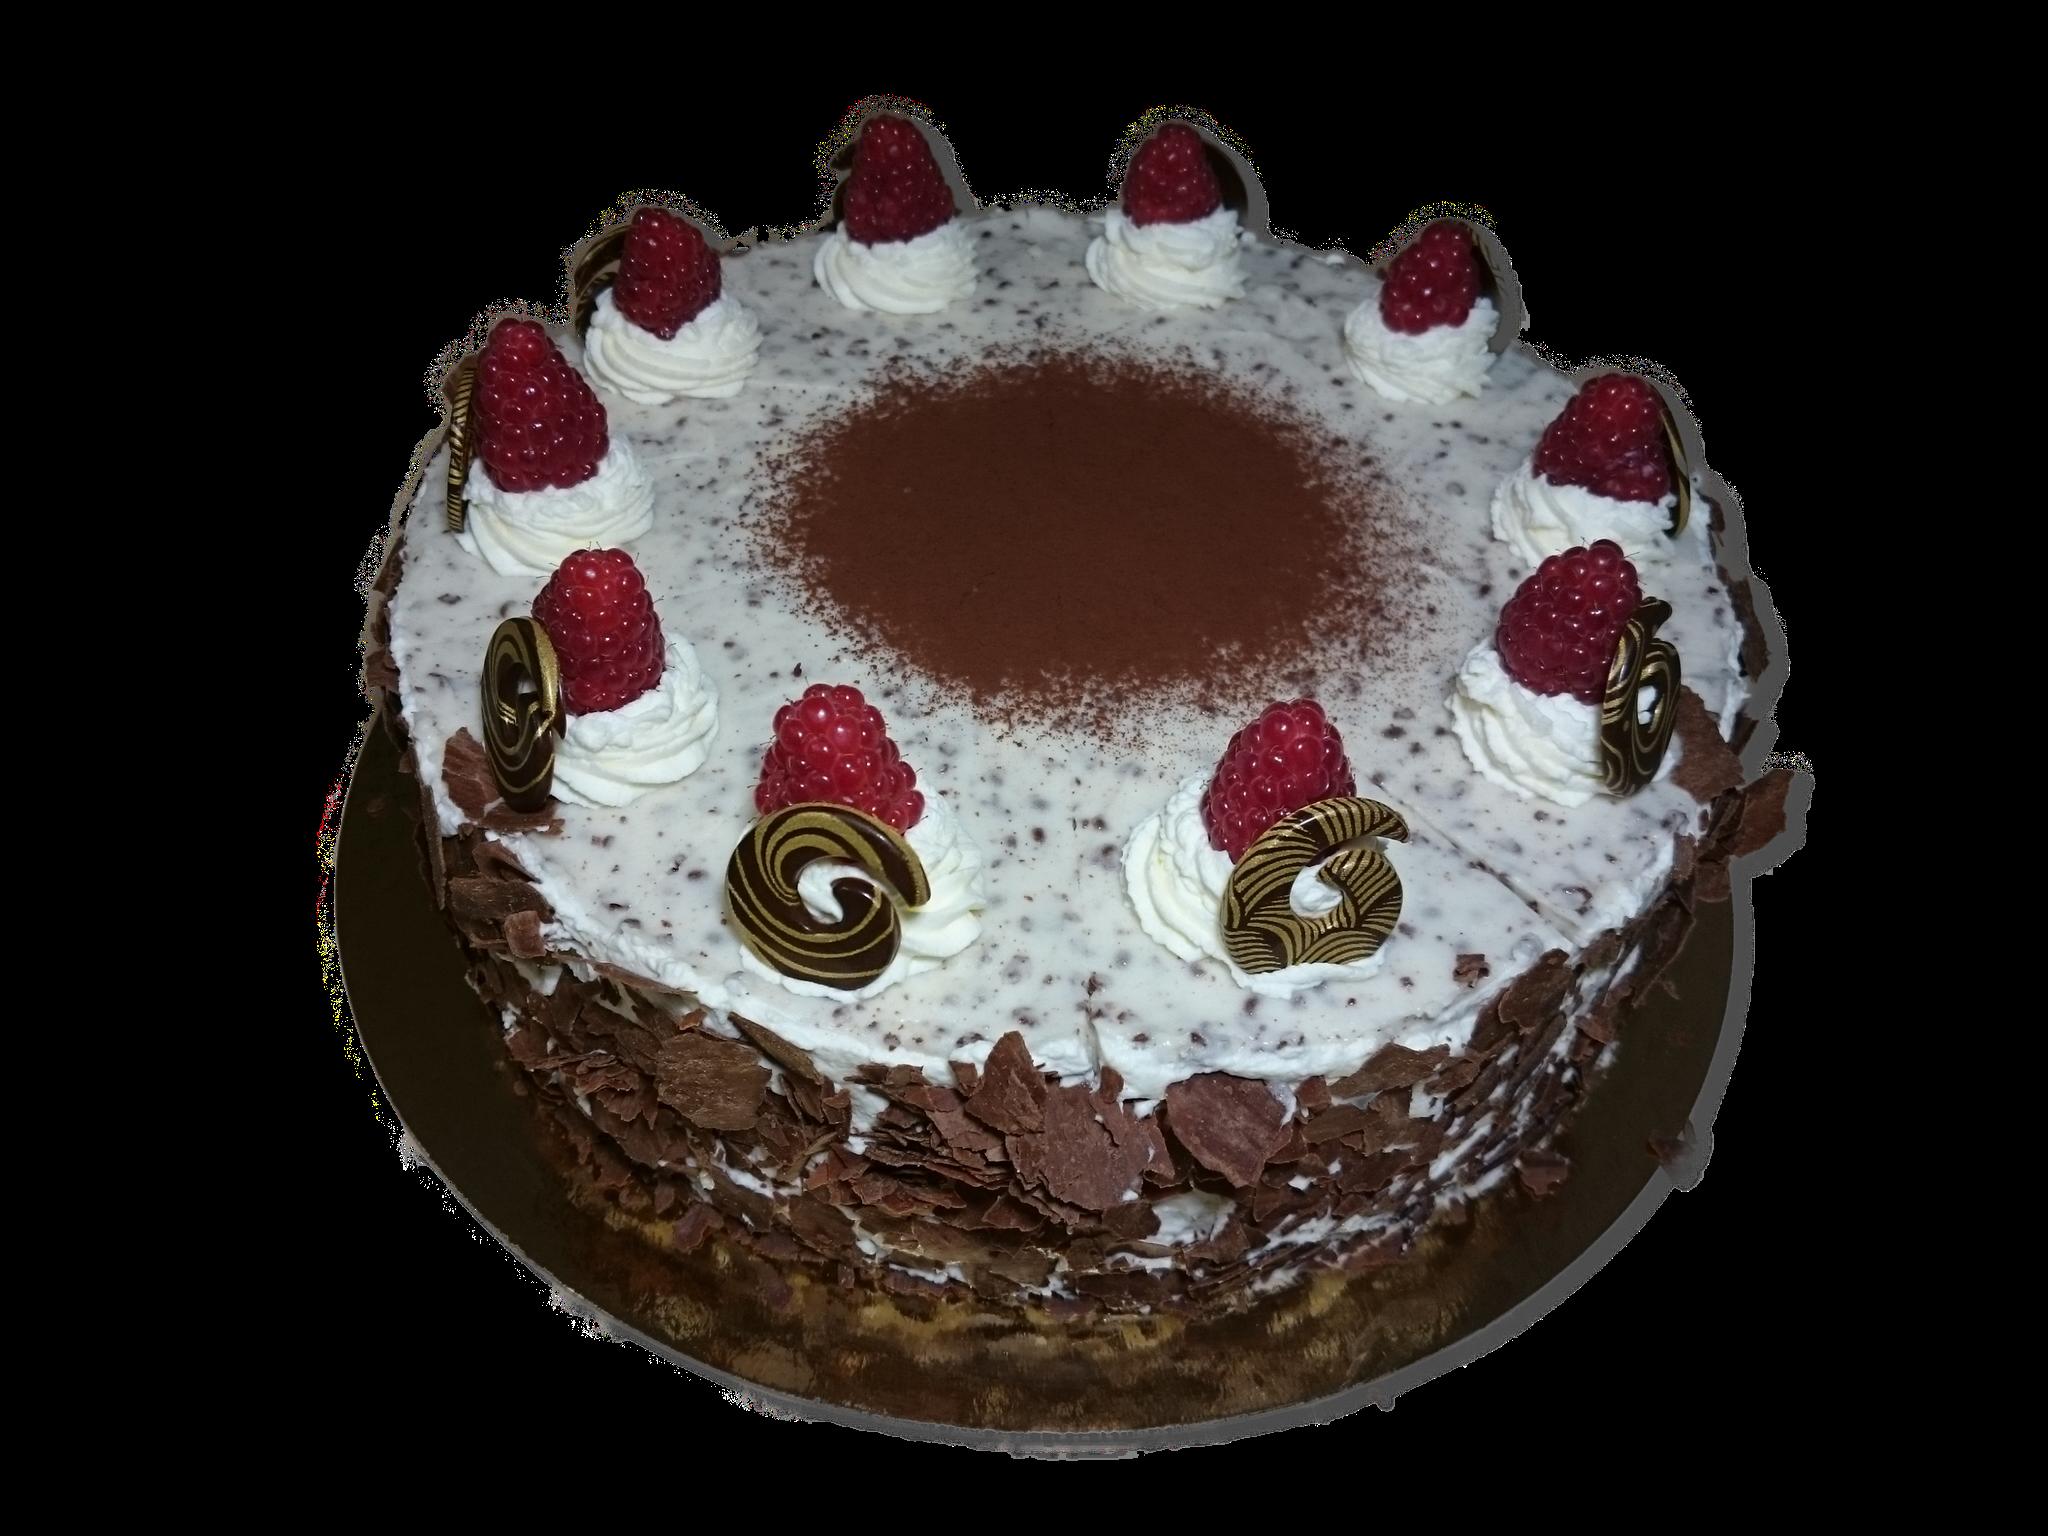 Stracciatella-Joghurt-Torte, 26cm